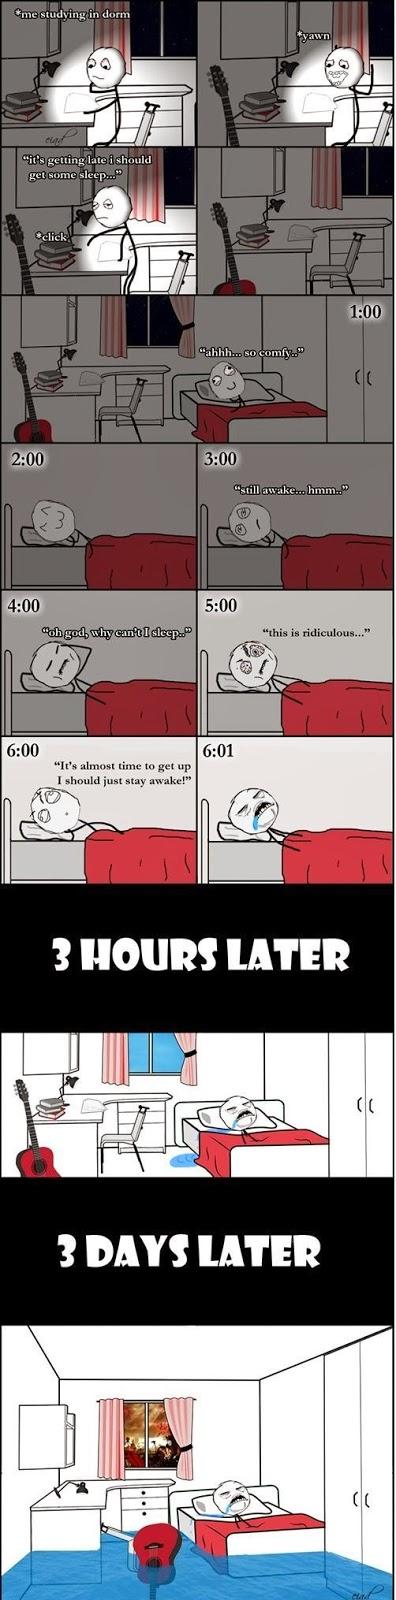 I am a Heavy Sleeper